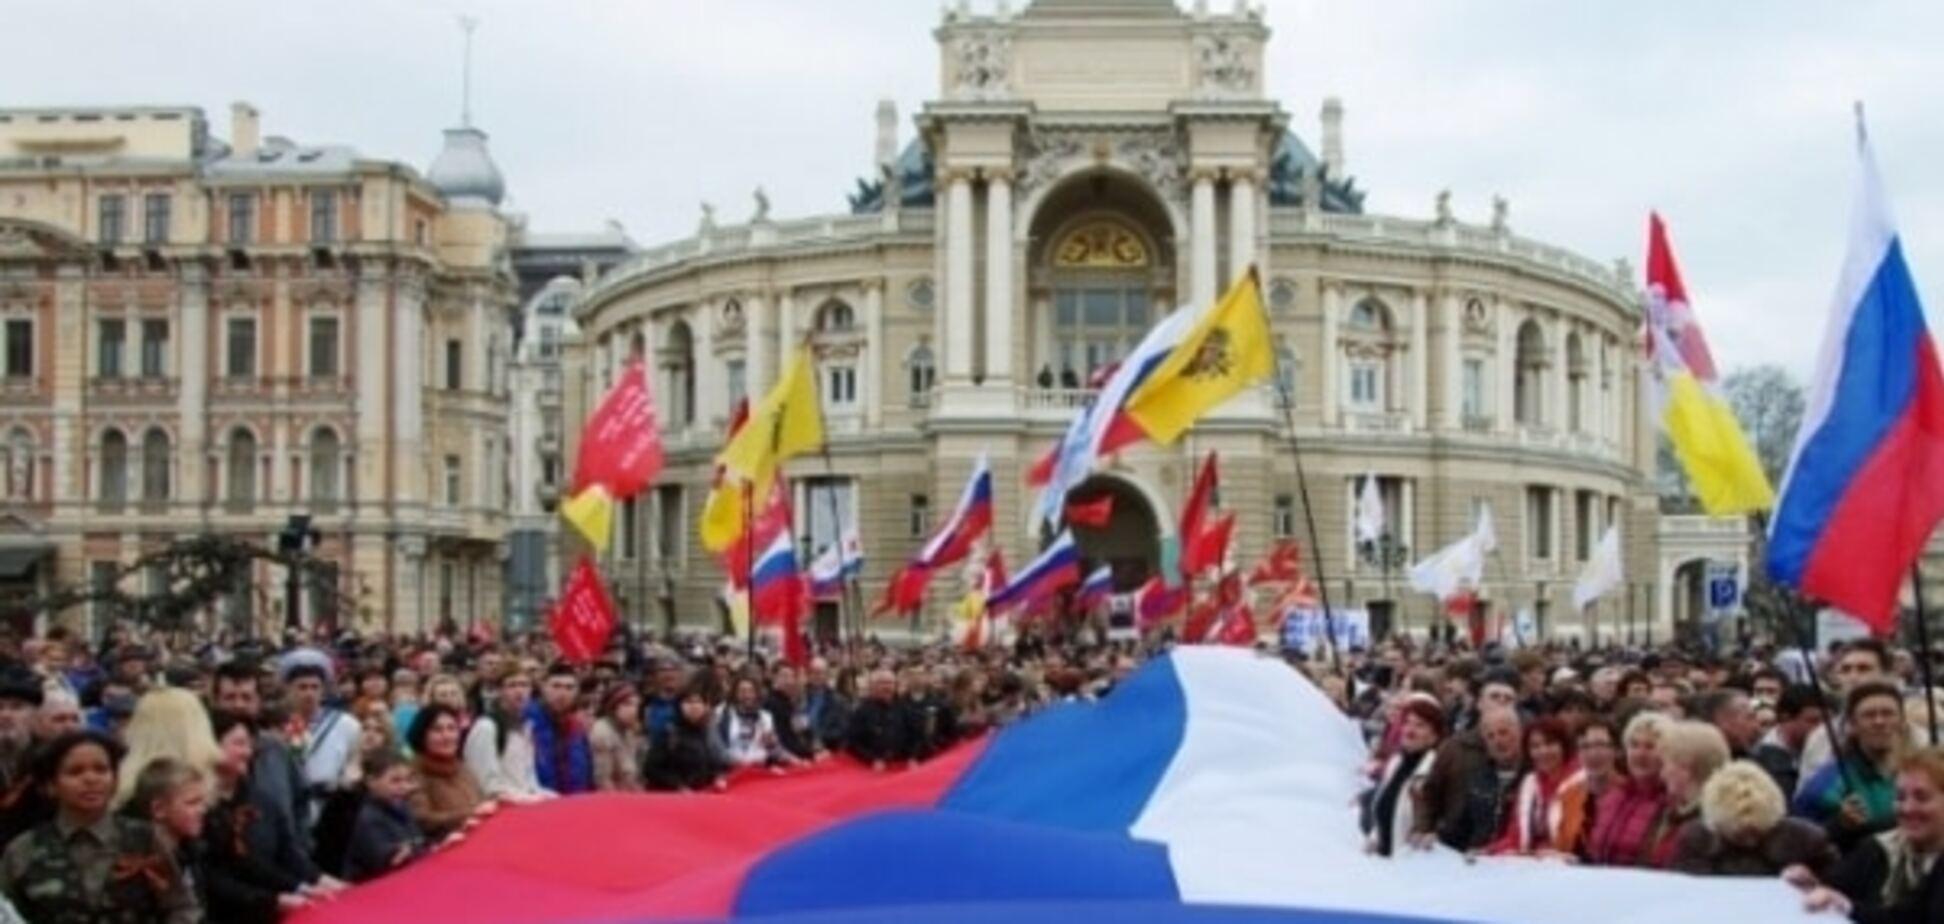 РосСМИ отличились новым фейком: Одесса хочет выйти из состава Украины